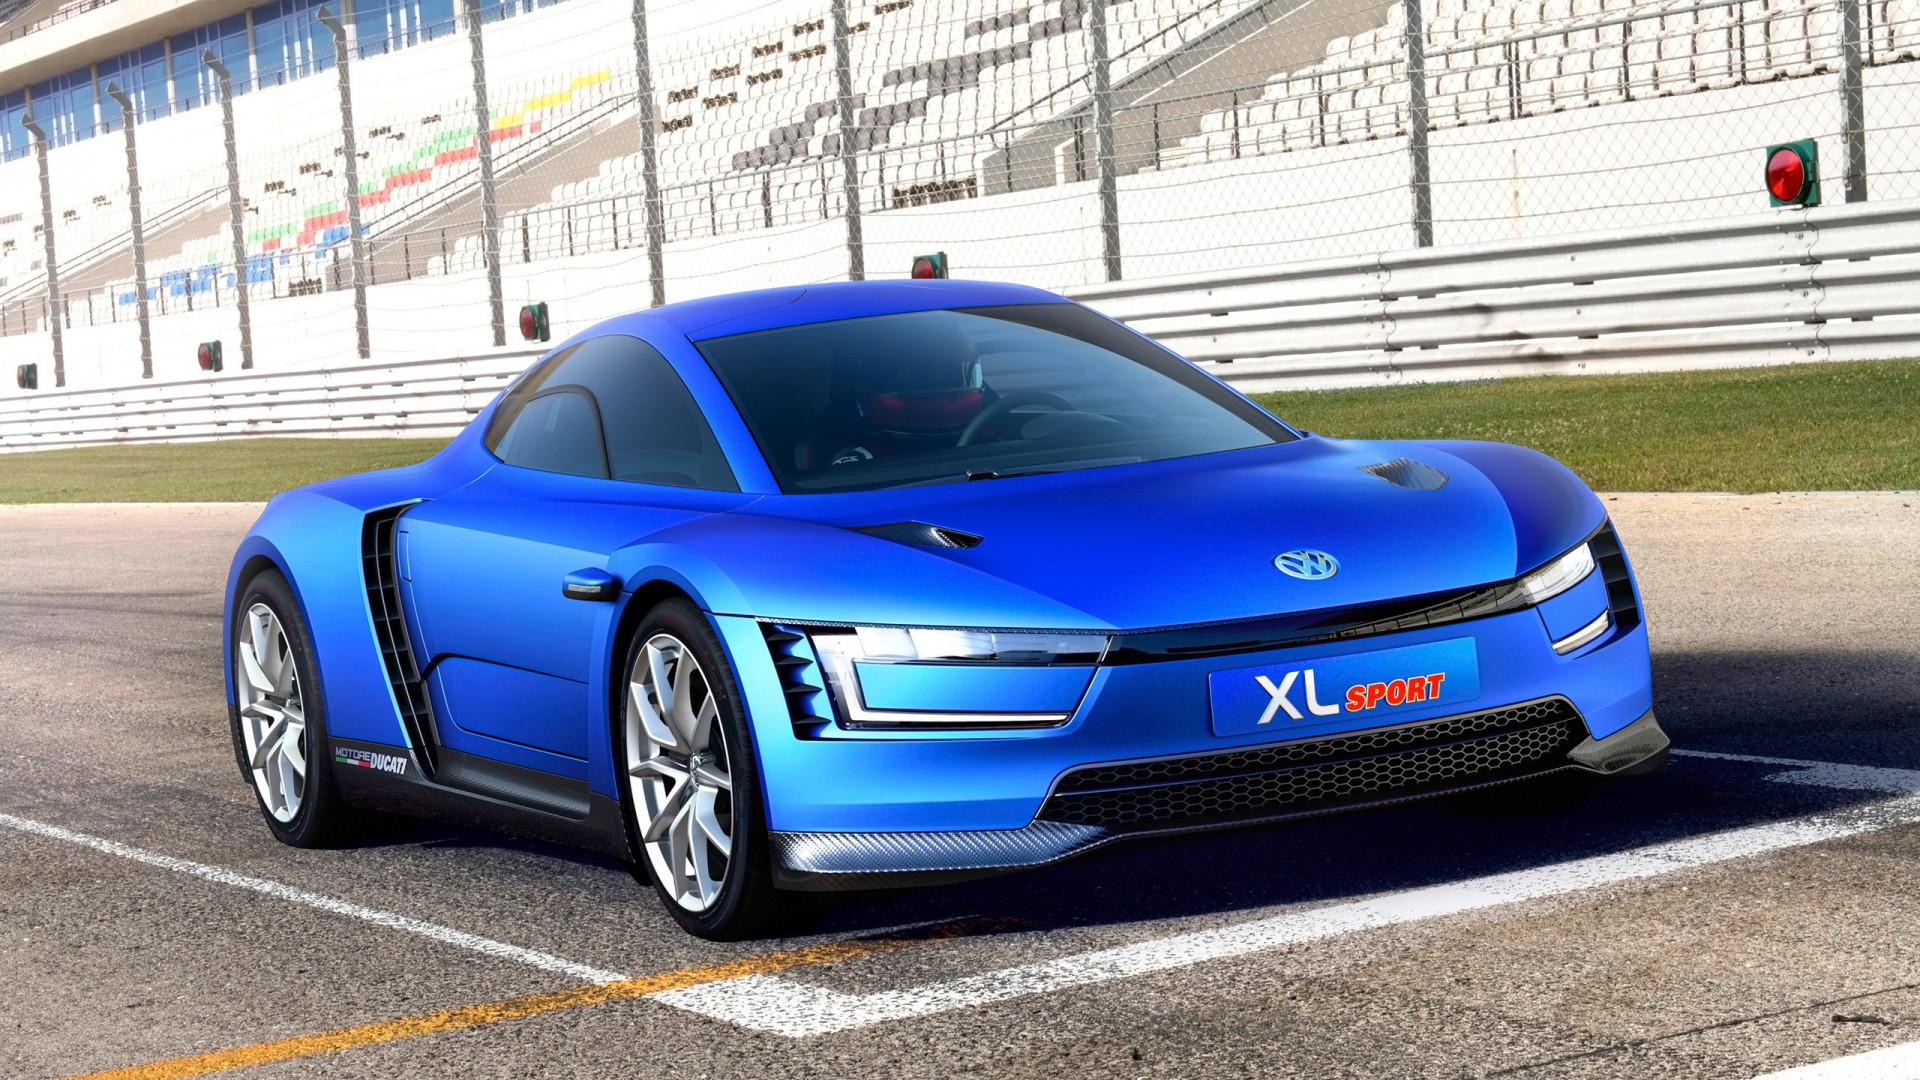 Luxurious Vw Sport Full Hd Car Wallpapers: 2014 Volkswagen XL Sport Concept 4 Wallpaper